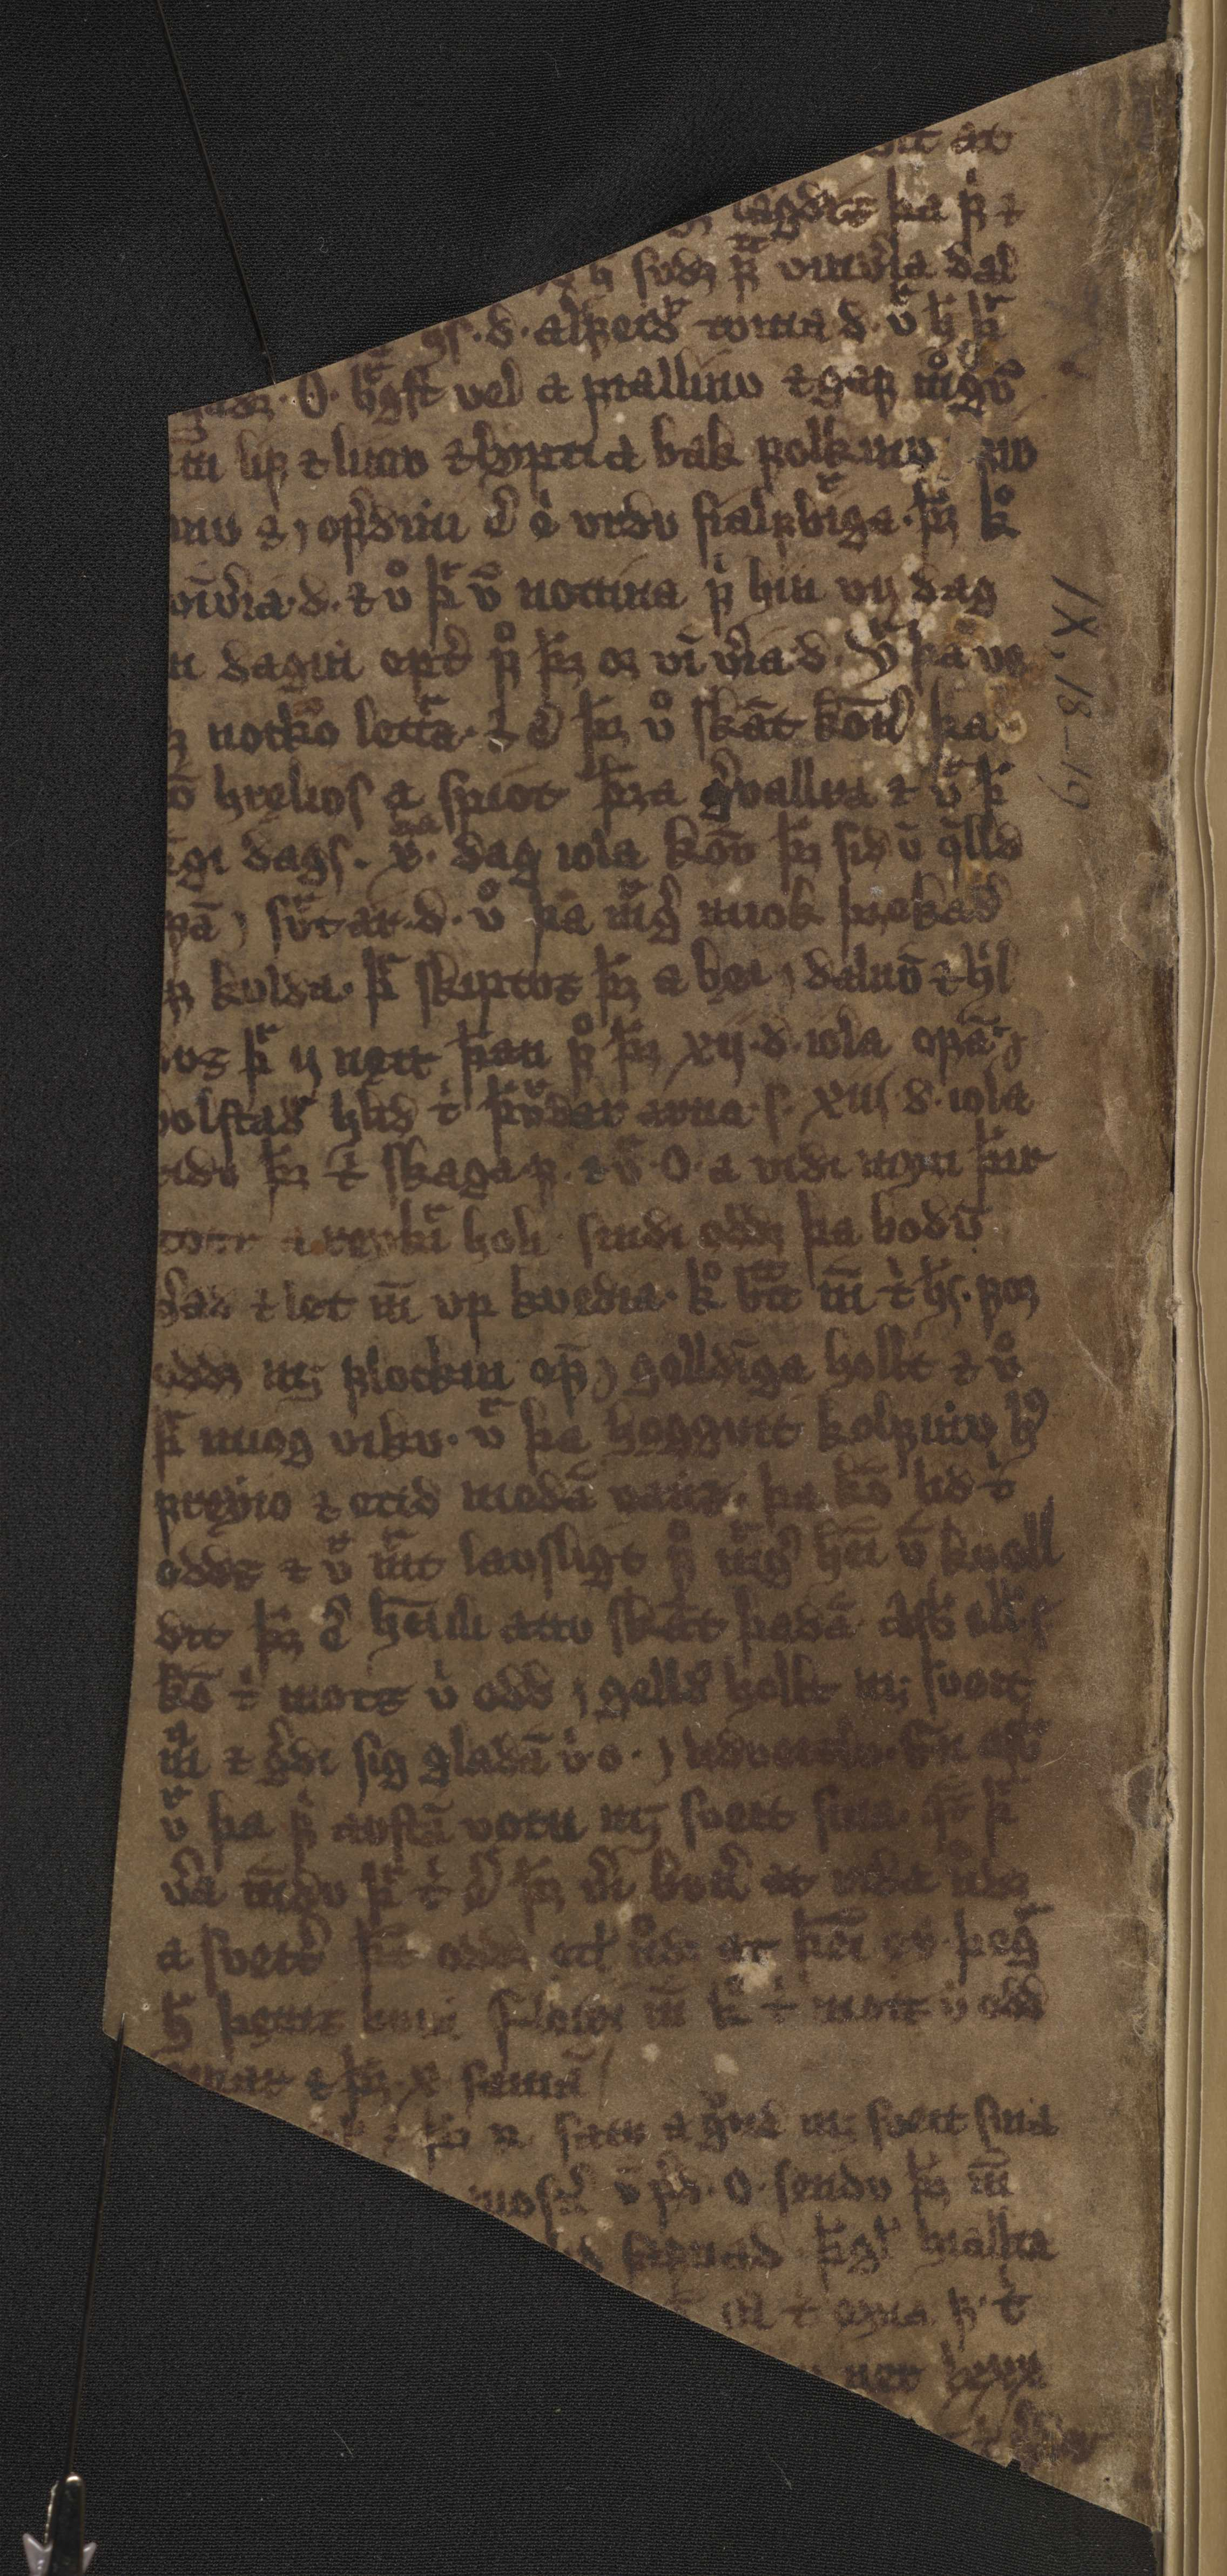 AM 122 b fol - 23v